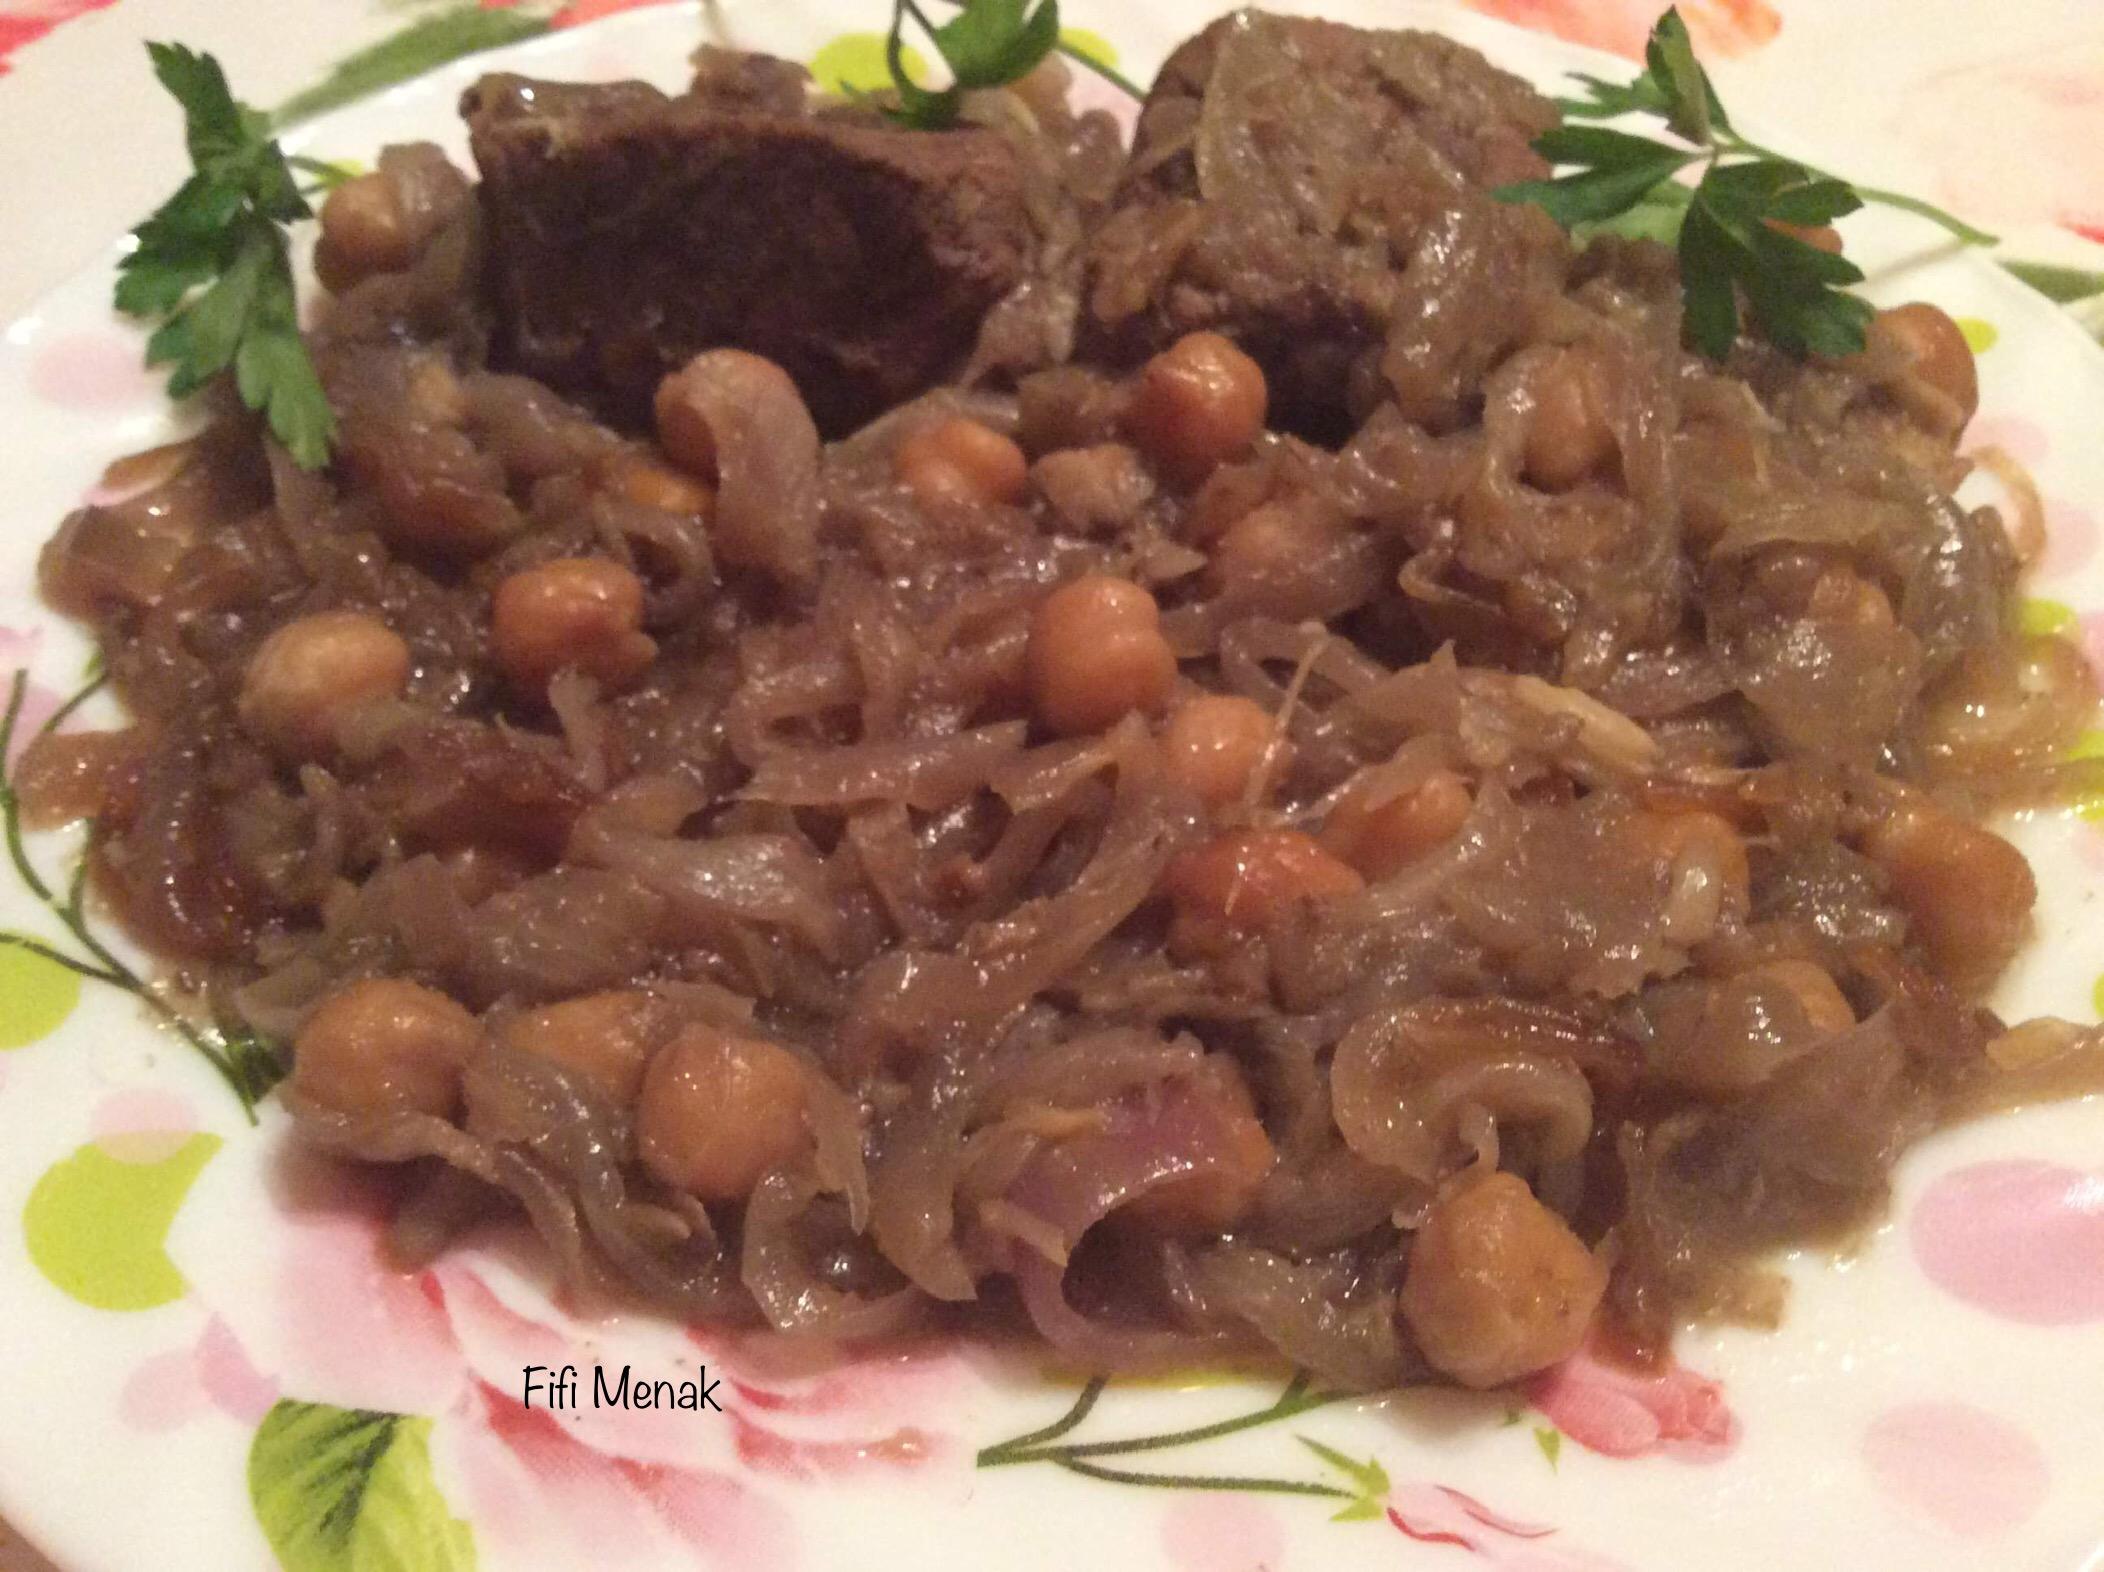 Râgout à la viande et aux oignons (Tbahedj bel ham)